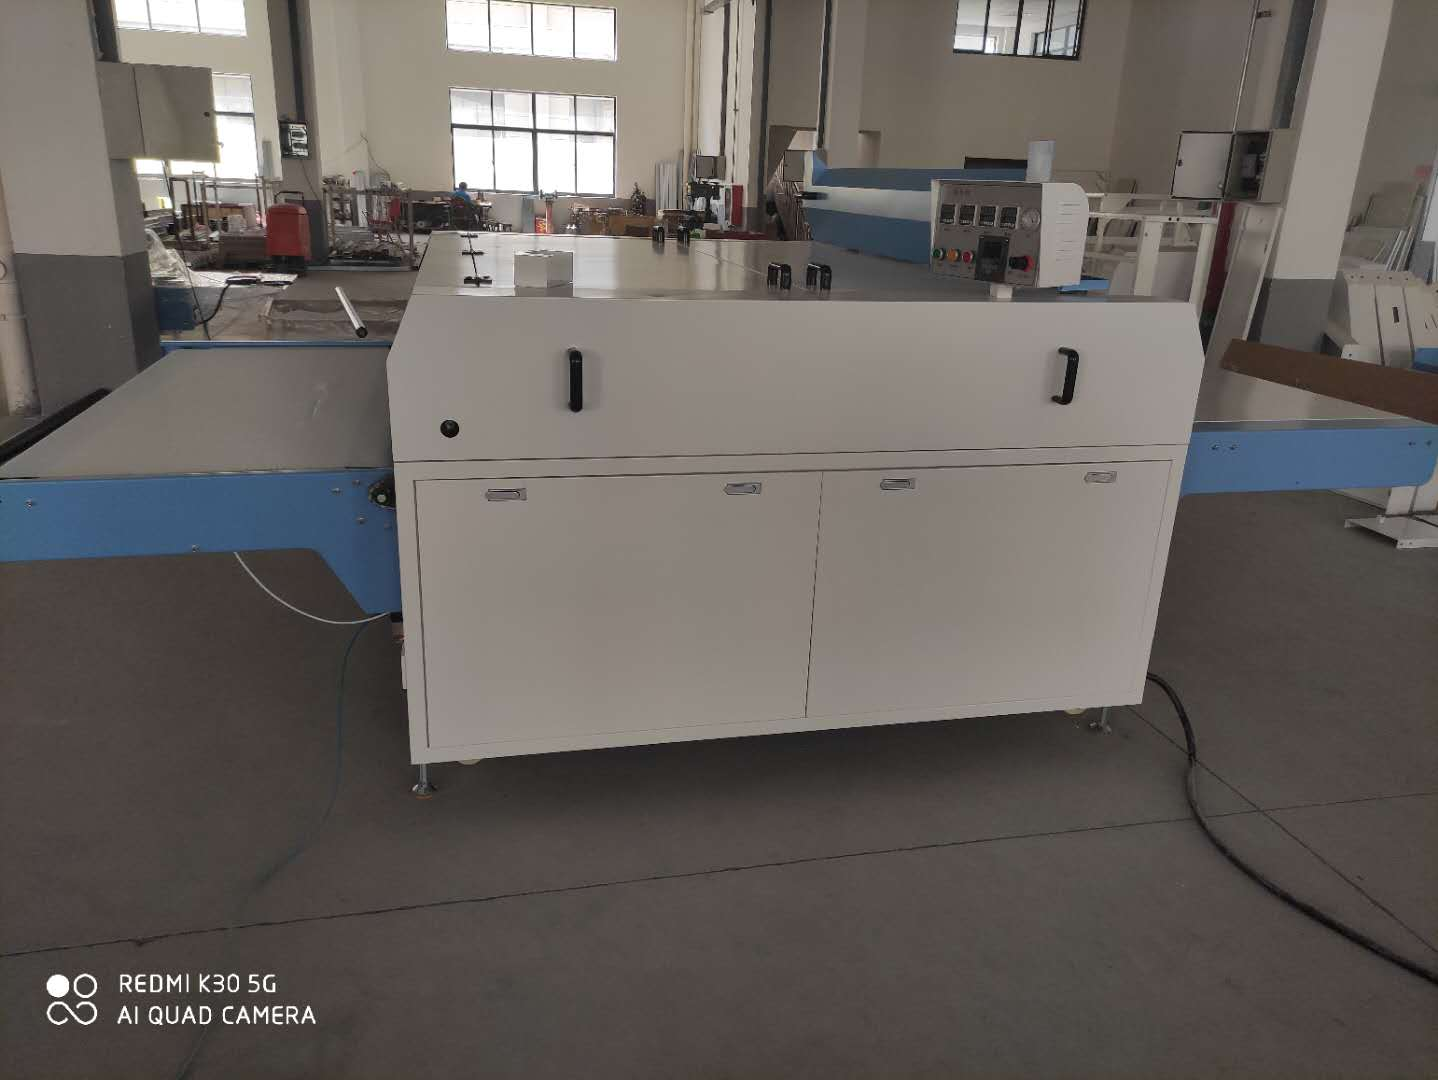 苏州粘合机厂家直销 值得信赖 上海昀泽检测技术供应